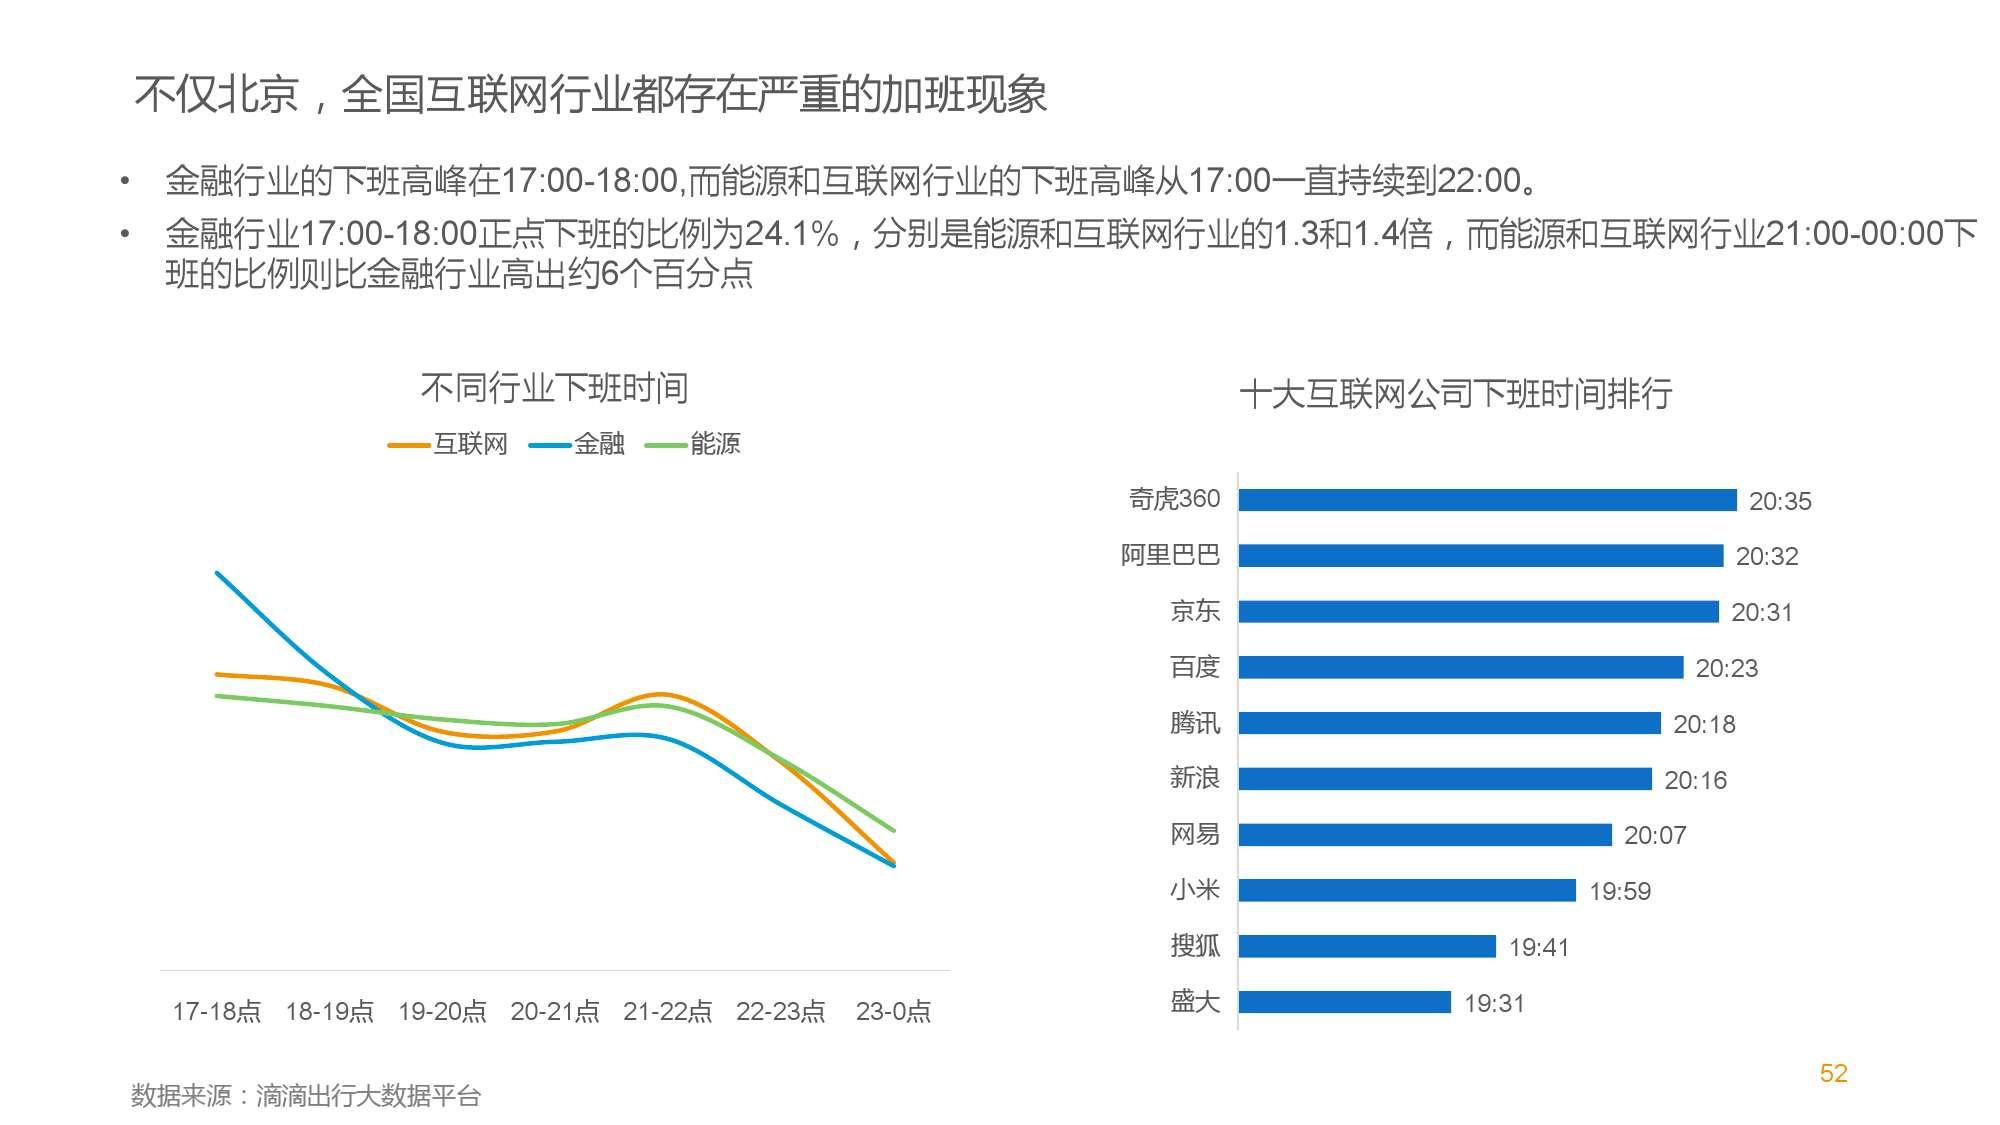 中国智能出行2015大数据报告_000052